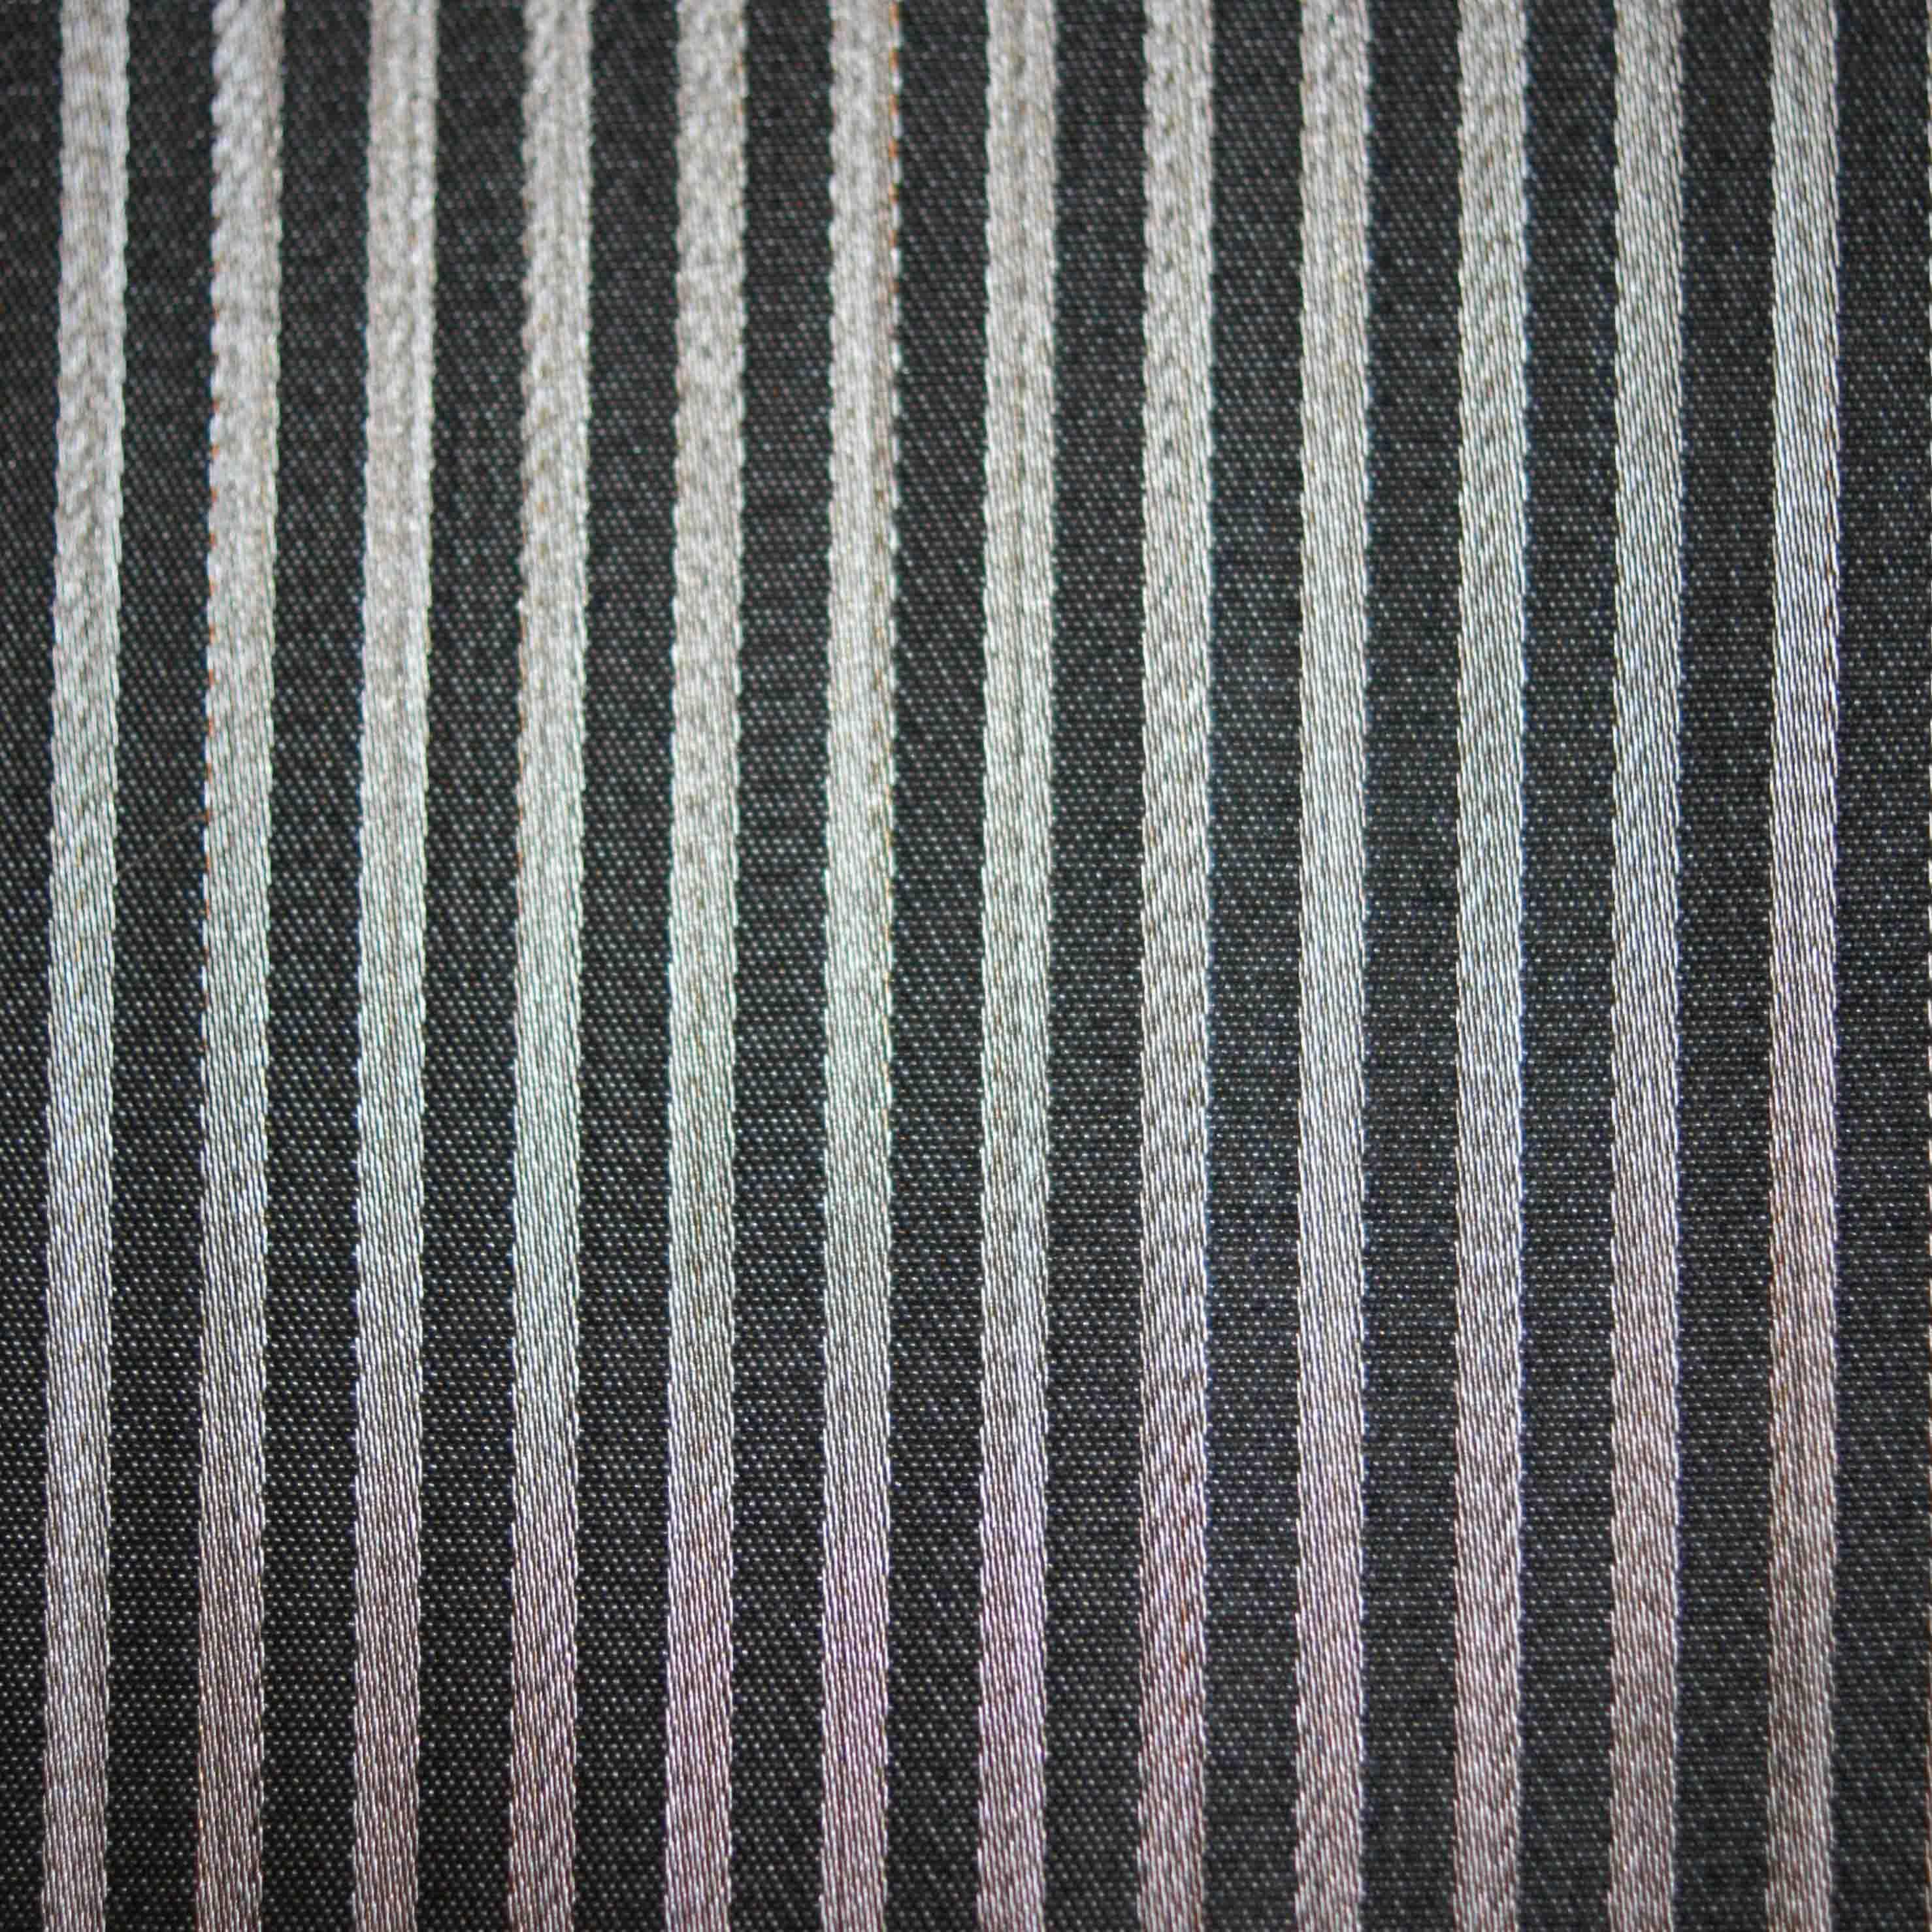 Striped Upholstery Fabric For Sofa Uk Www Energywarden Net